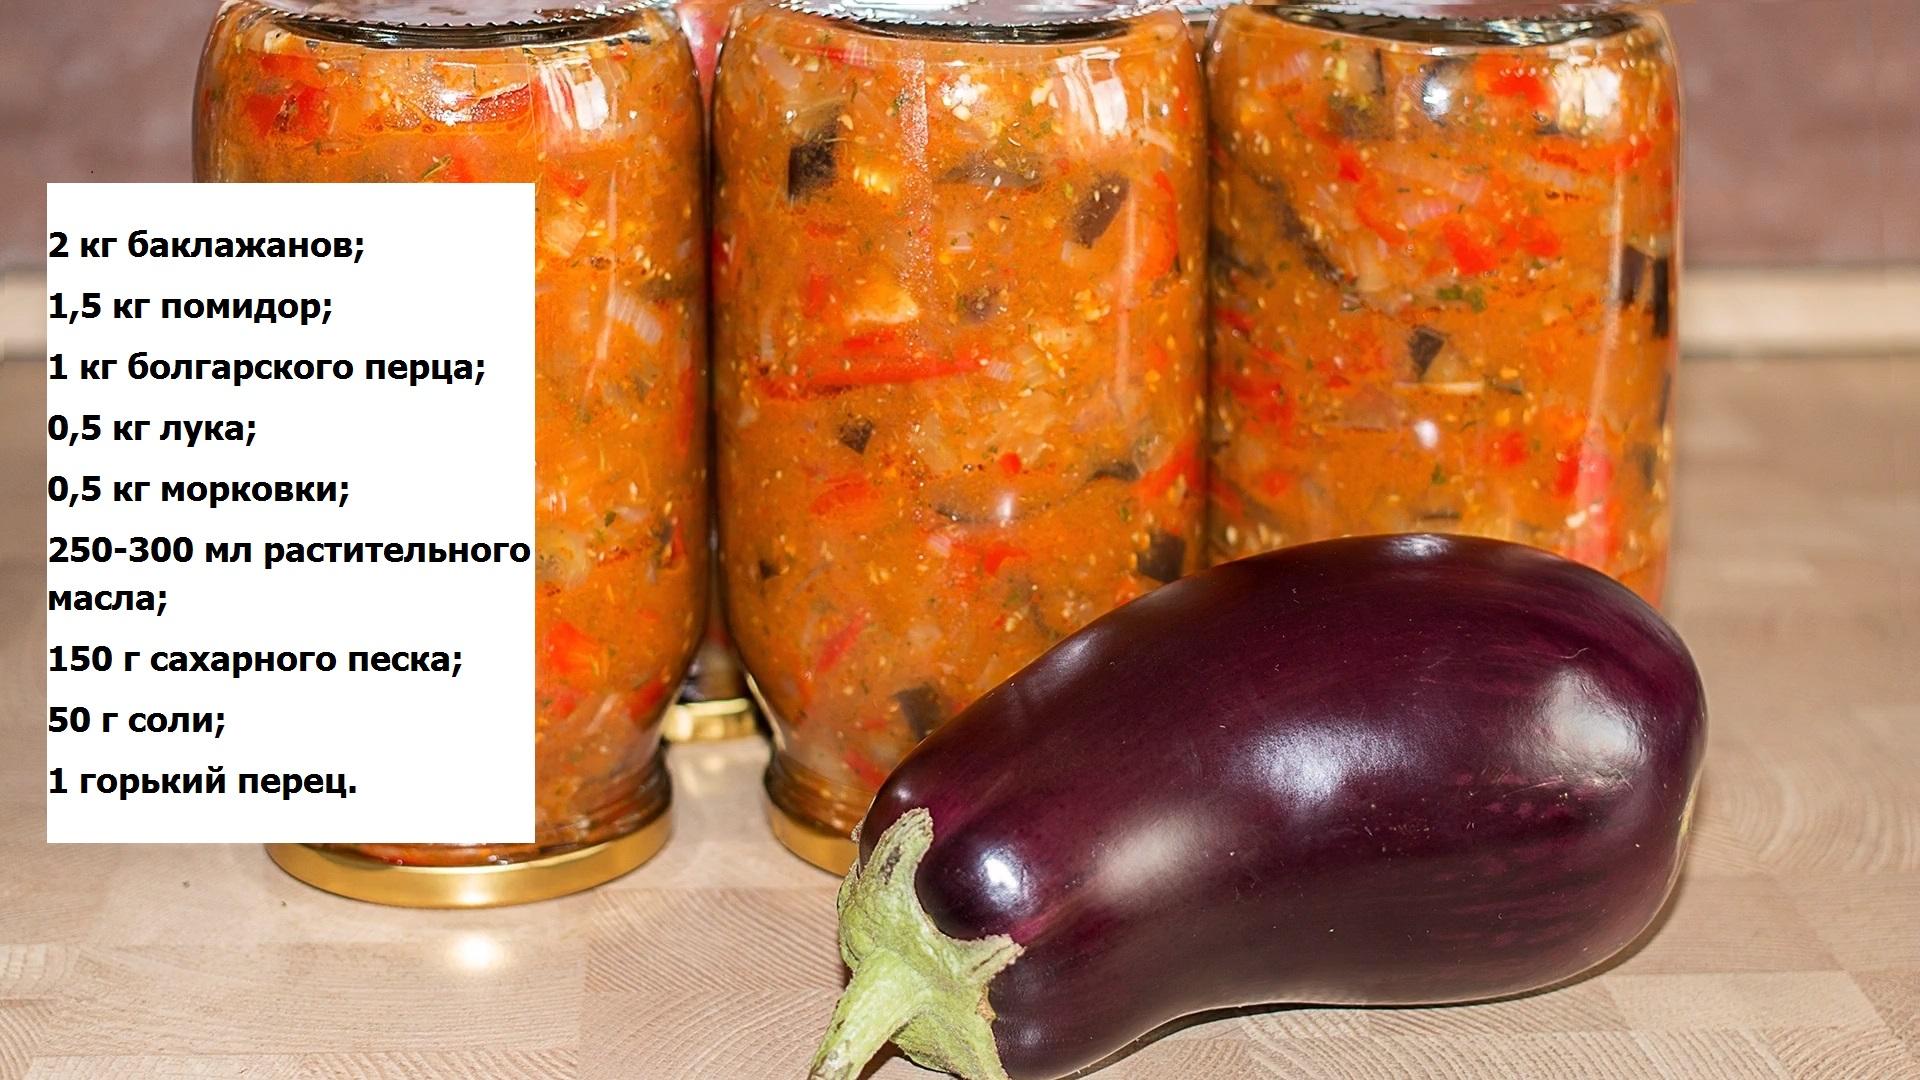 Салаты из баклажанов на зиму: самые вкусные заготовки